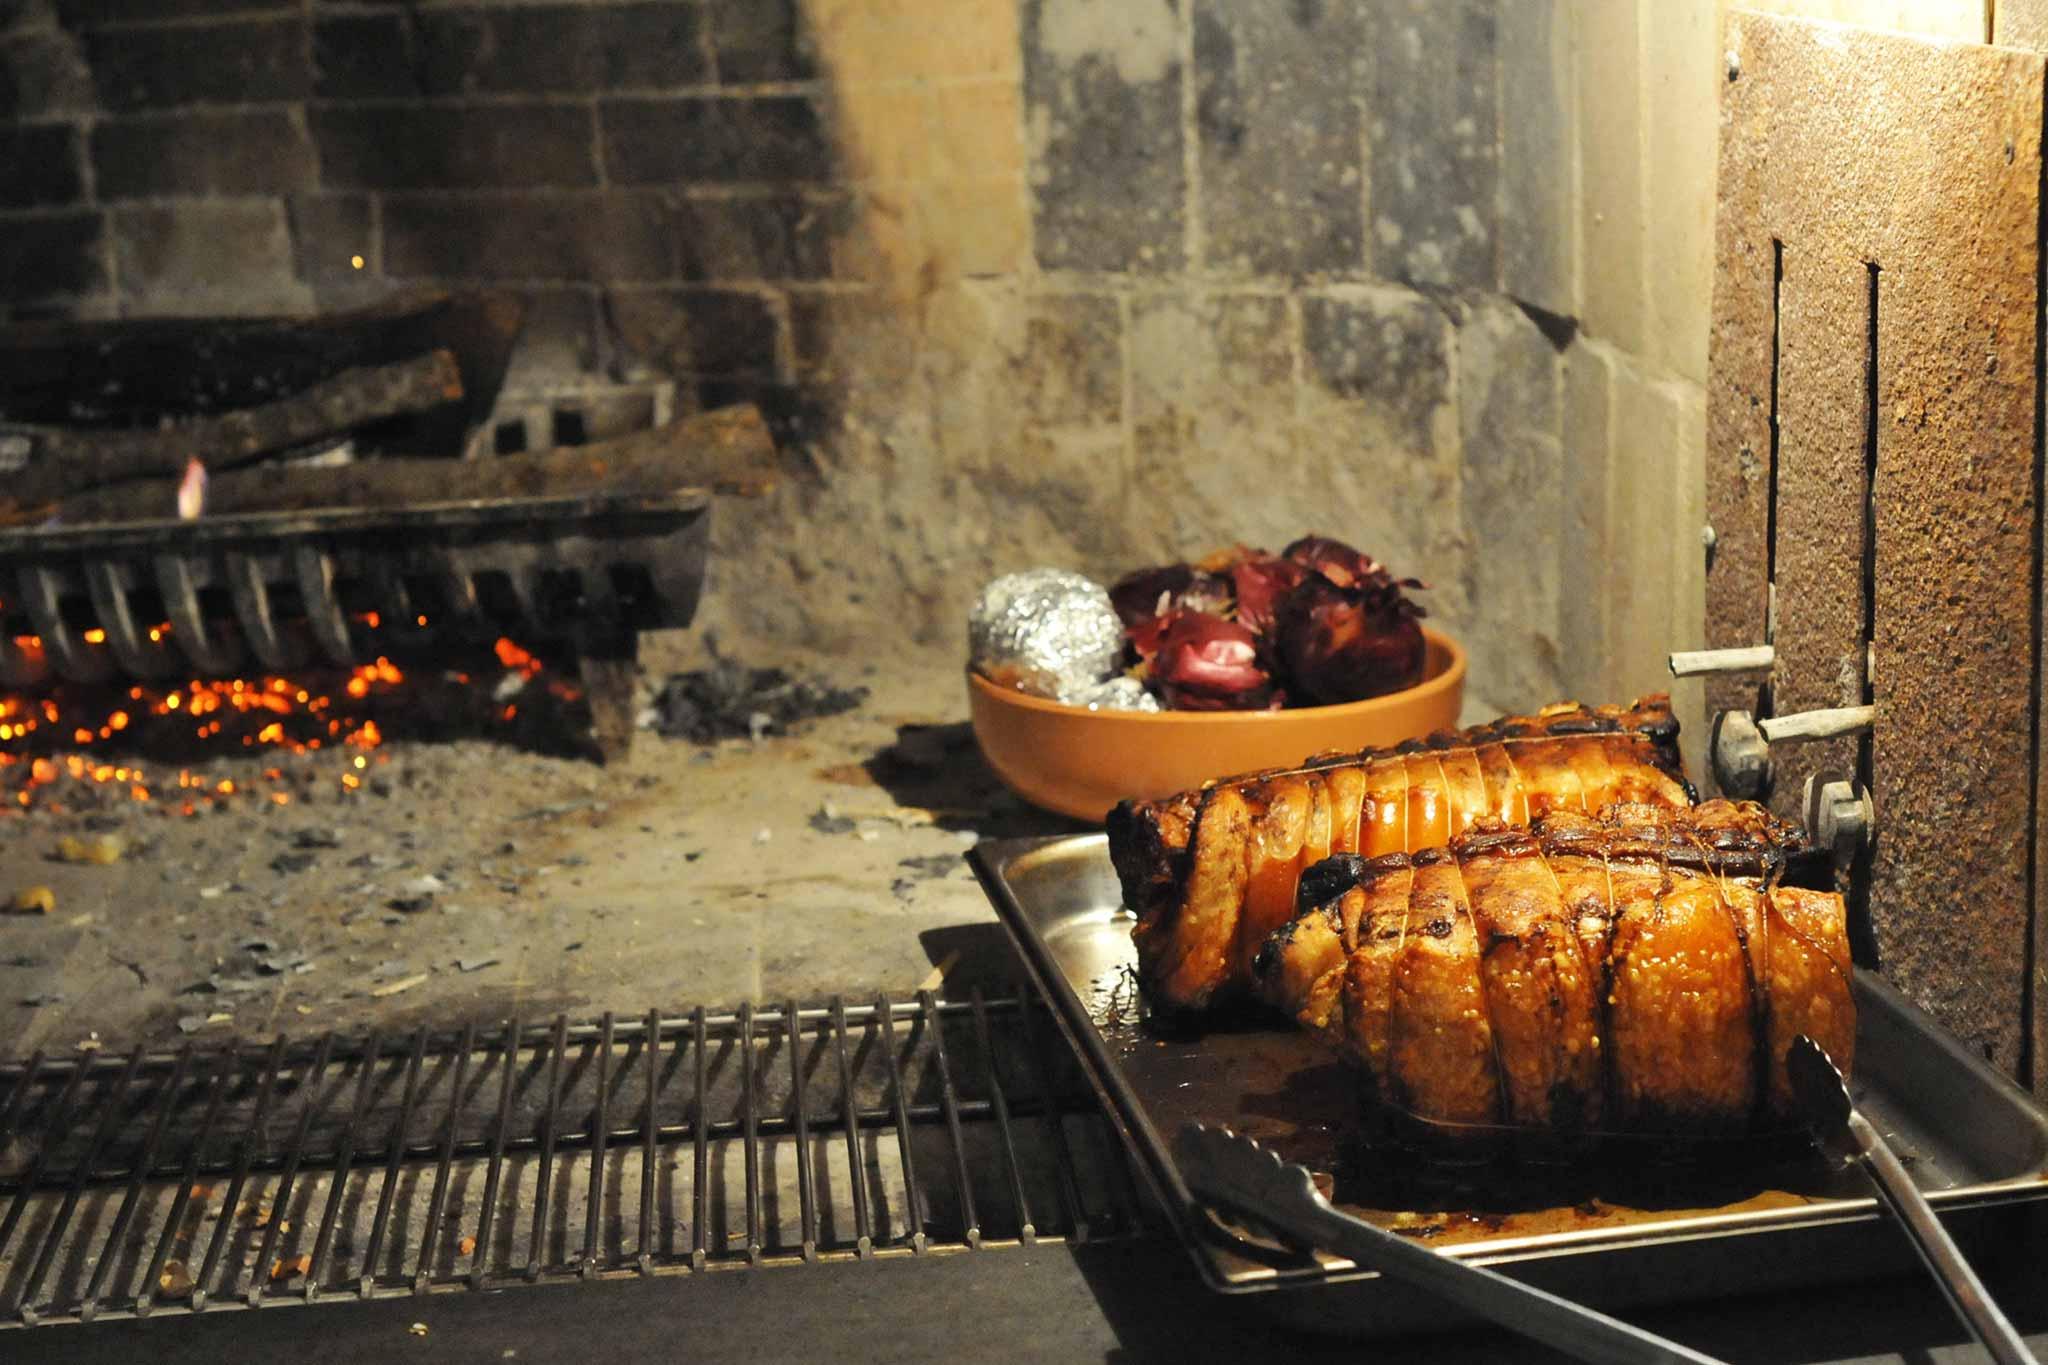 Ristoranti a roma il brunch nel forno a legna di cucinatipica - Cucinare con il forno a legna ...